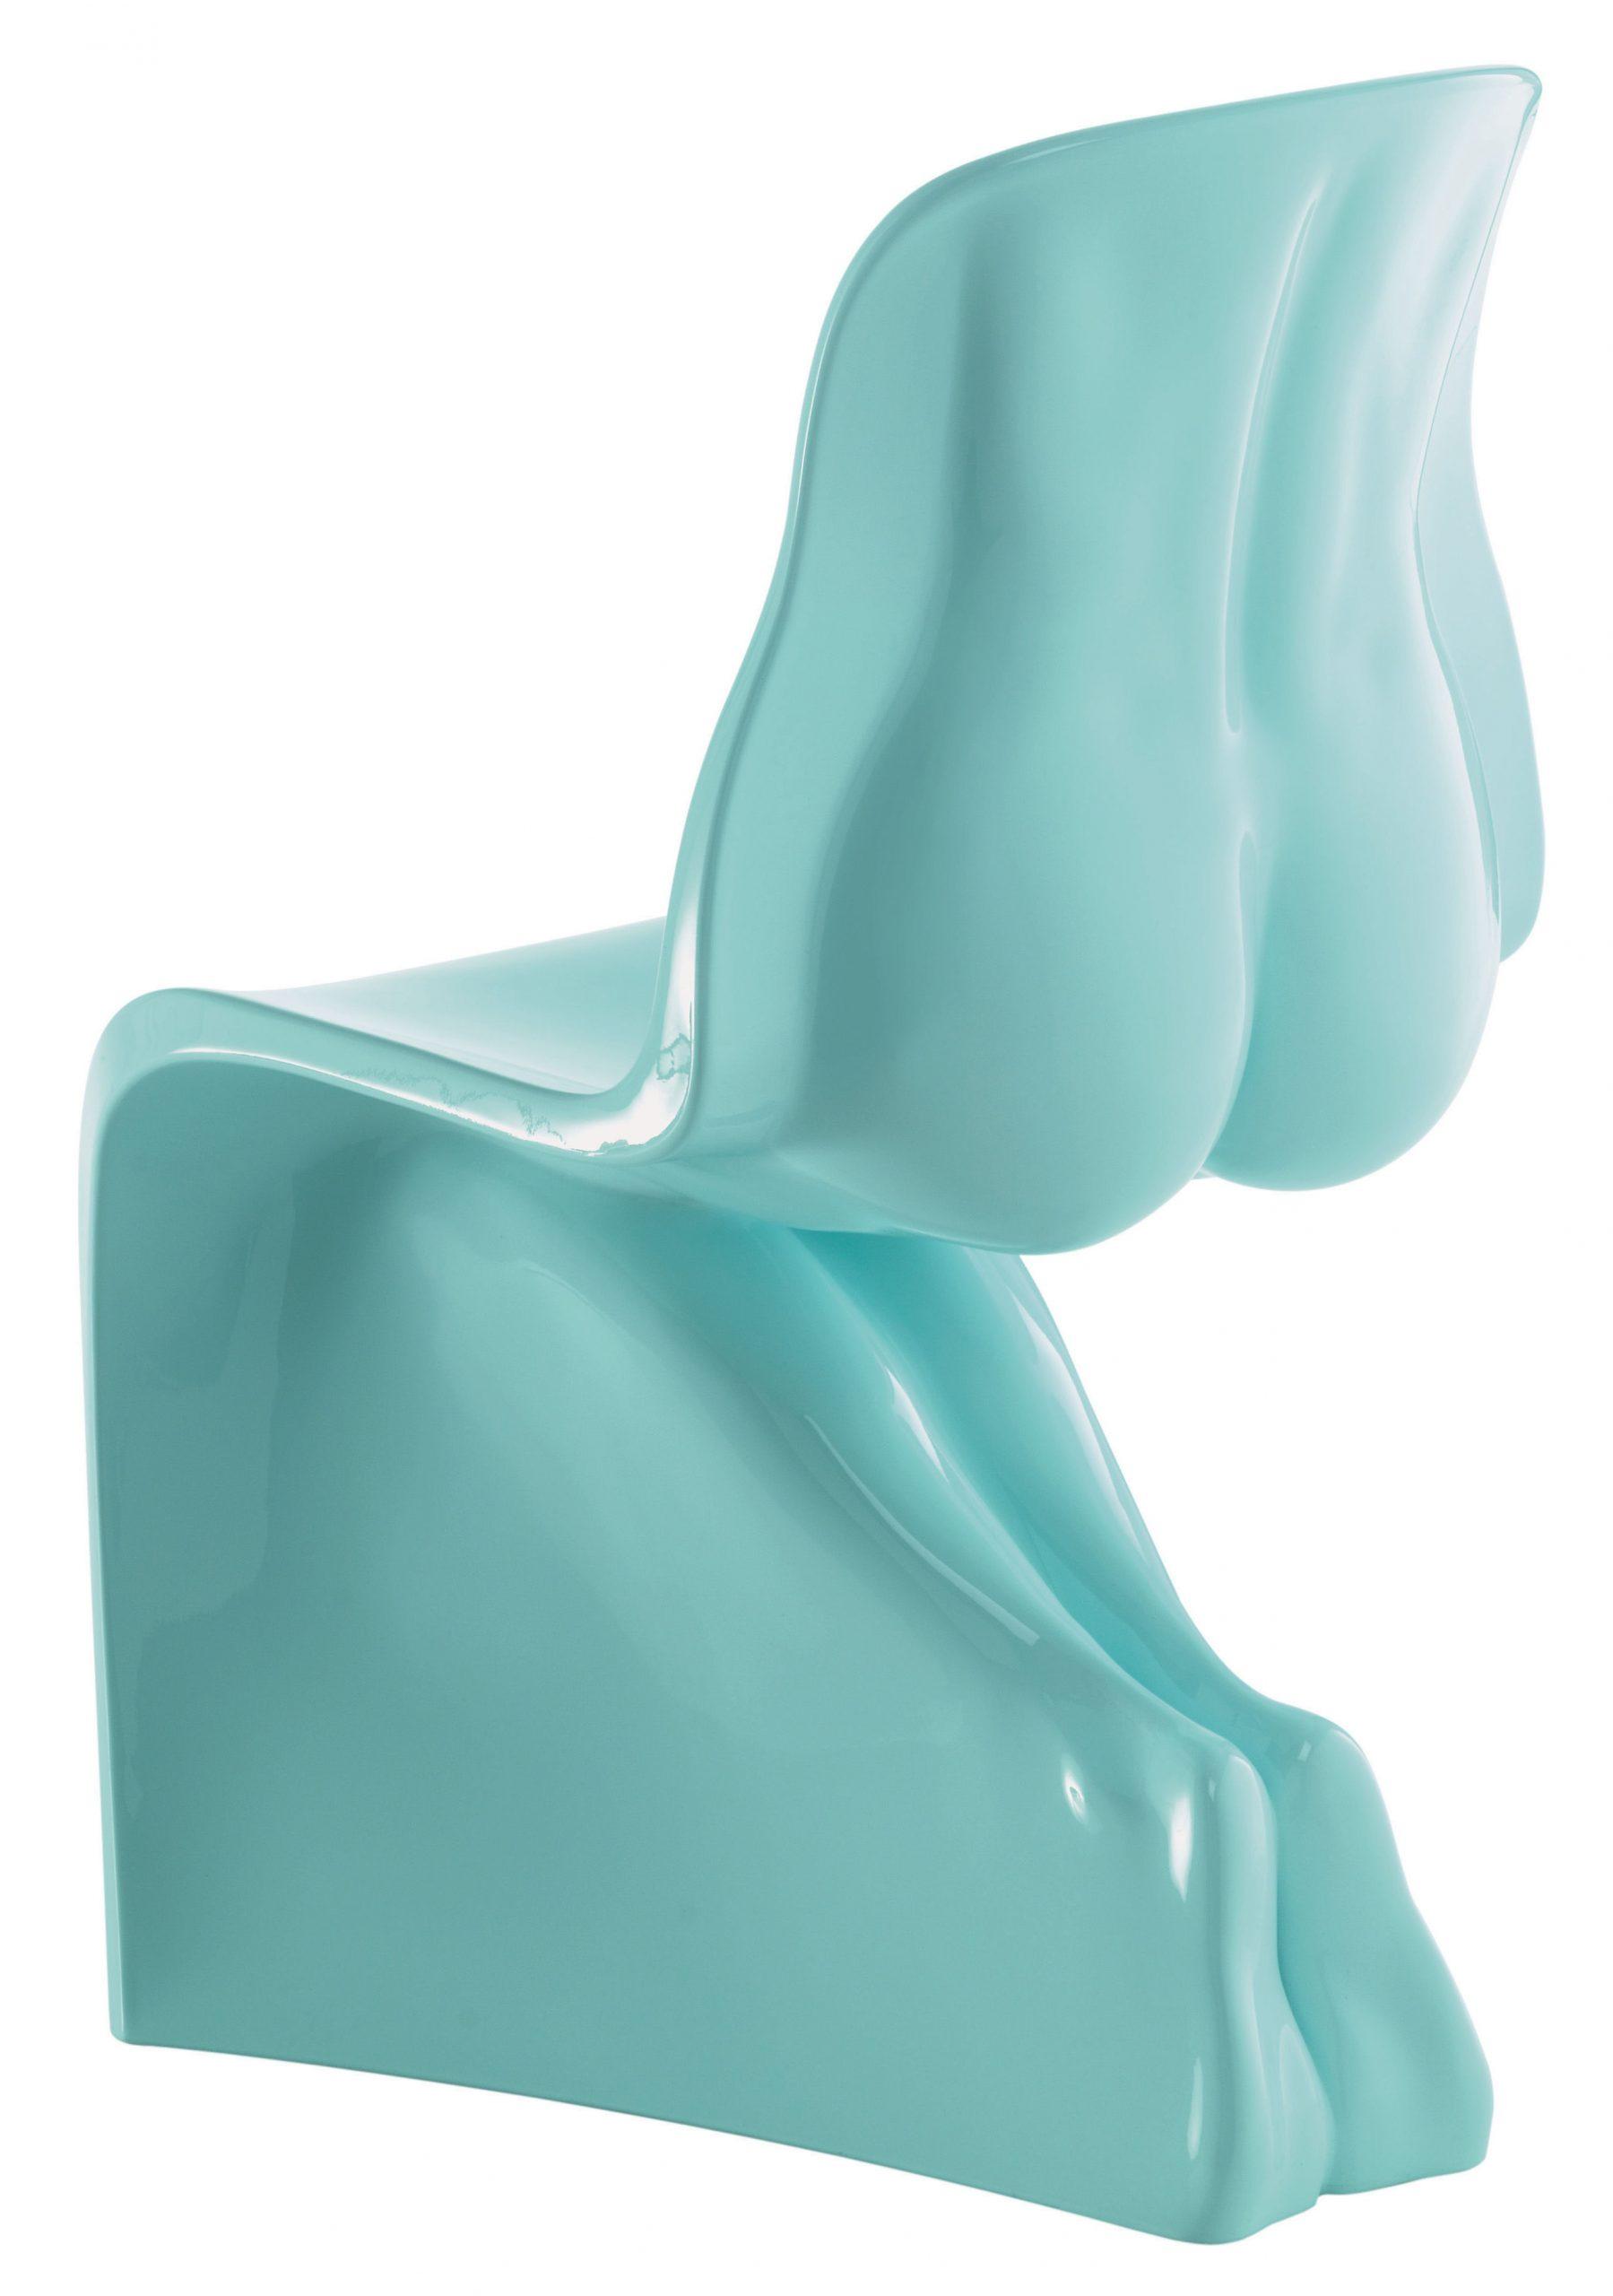 Η καρέκλα της - Casamania Light Blue βερνικωμένη έκδοση Fabio Novembre